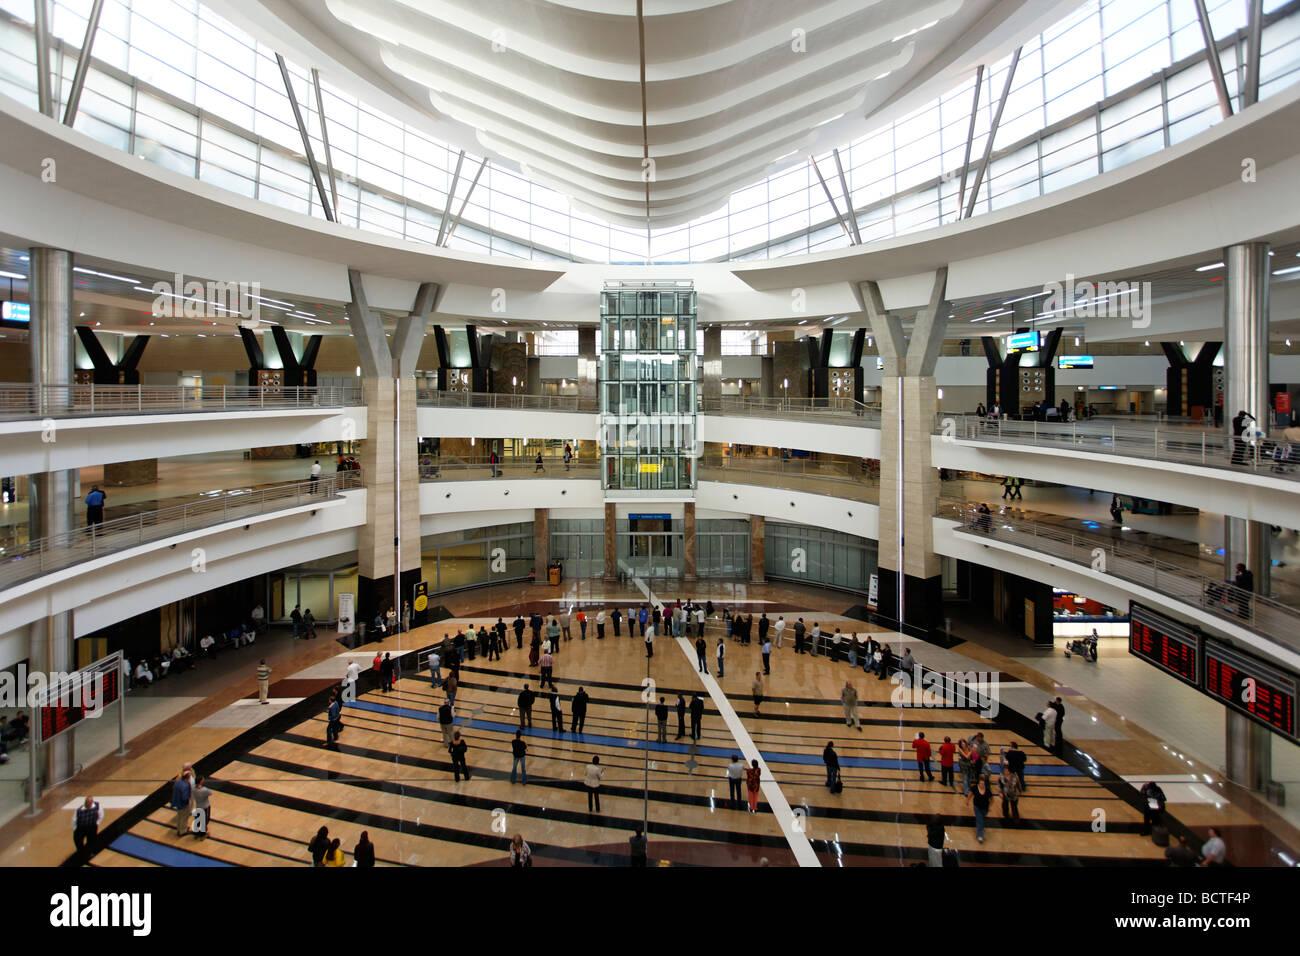 La sala arrivi, OR Tambo Aeroporto Internazionale di Johannesburg, Sud Africa e Africa Immagini Stock